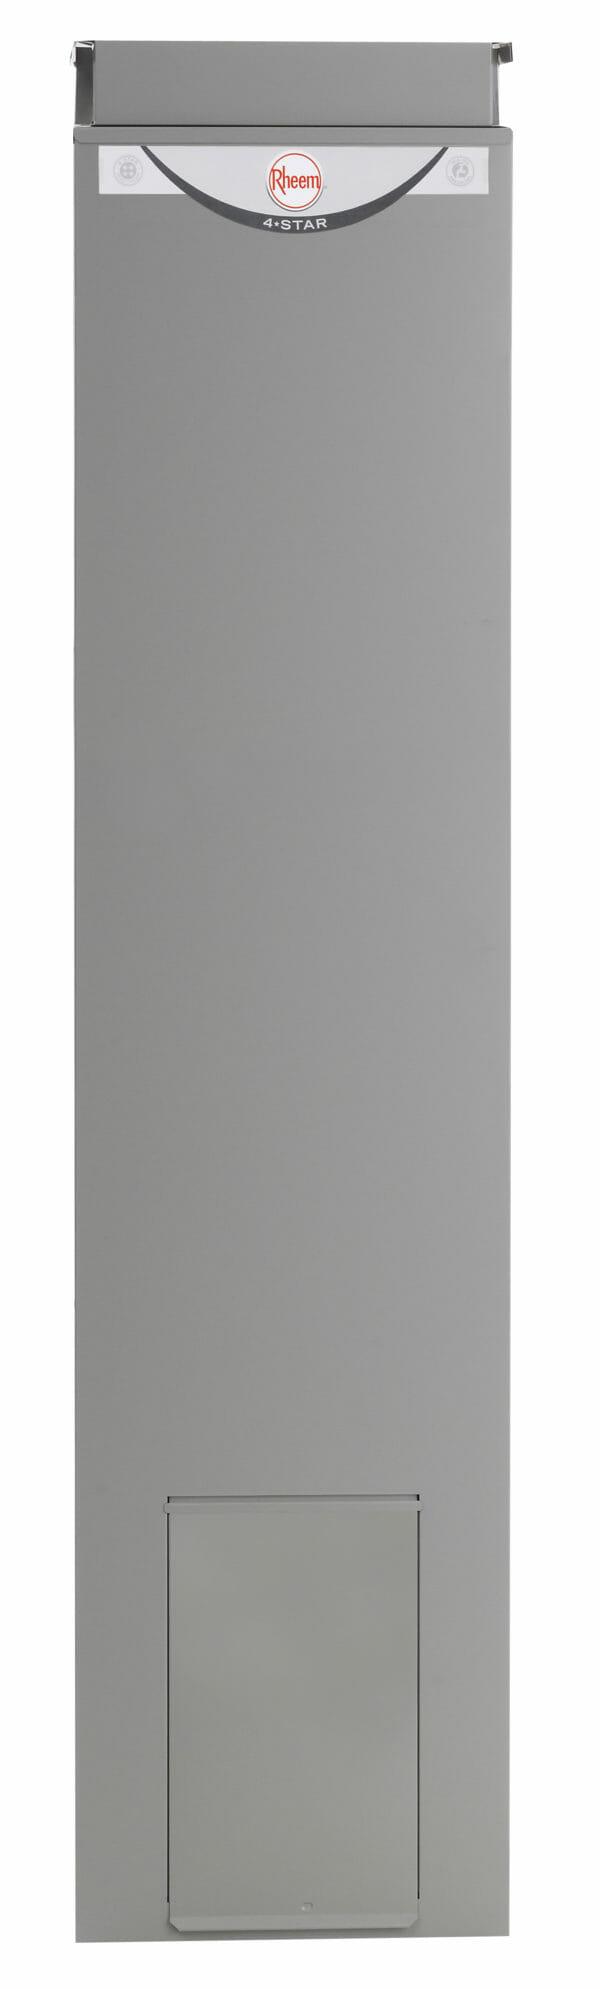 Rheem 170L External Gas hot water heater